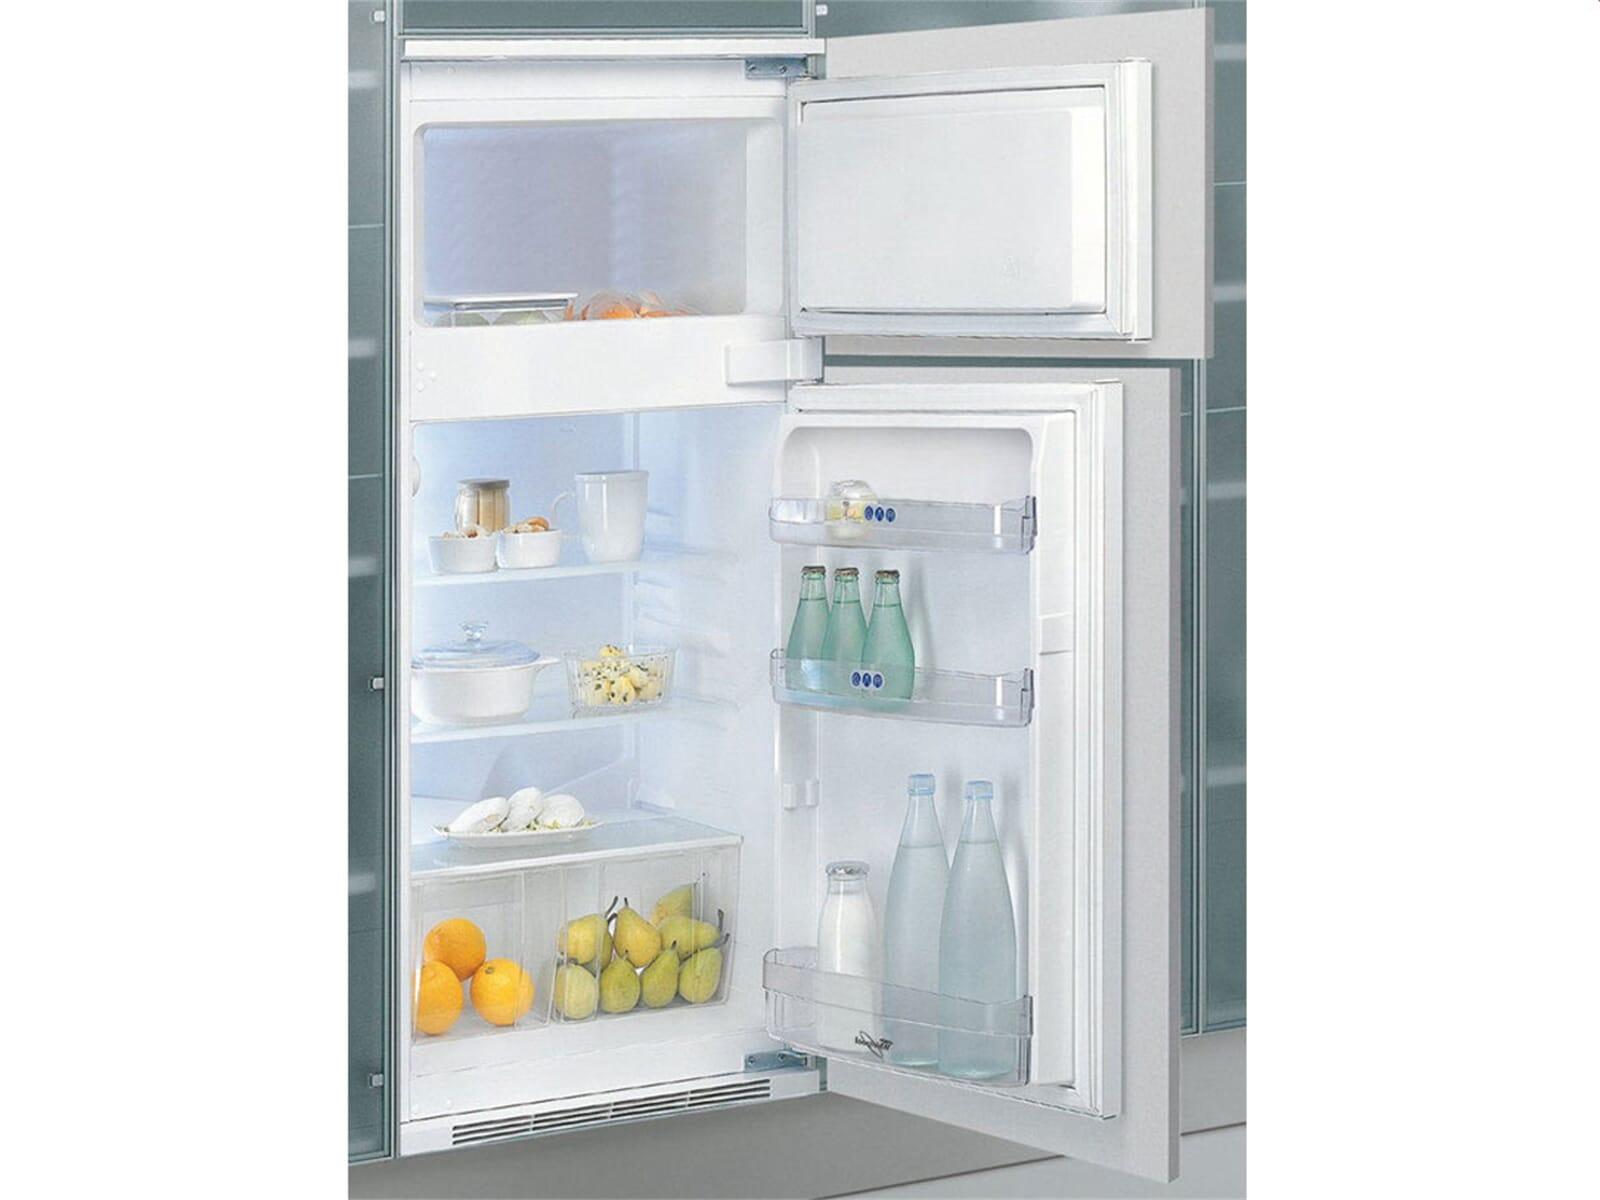 Einbauschrank Für Kühlschrank Und Gefrierschrank Schrank Für